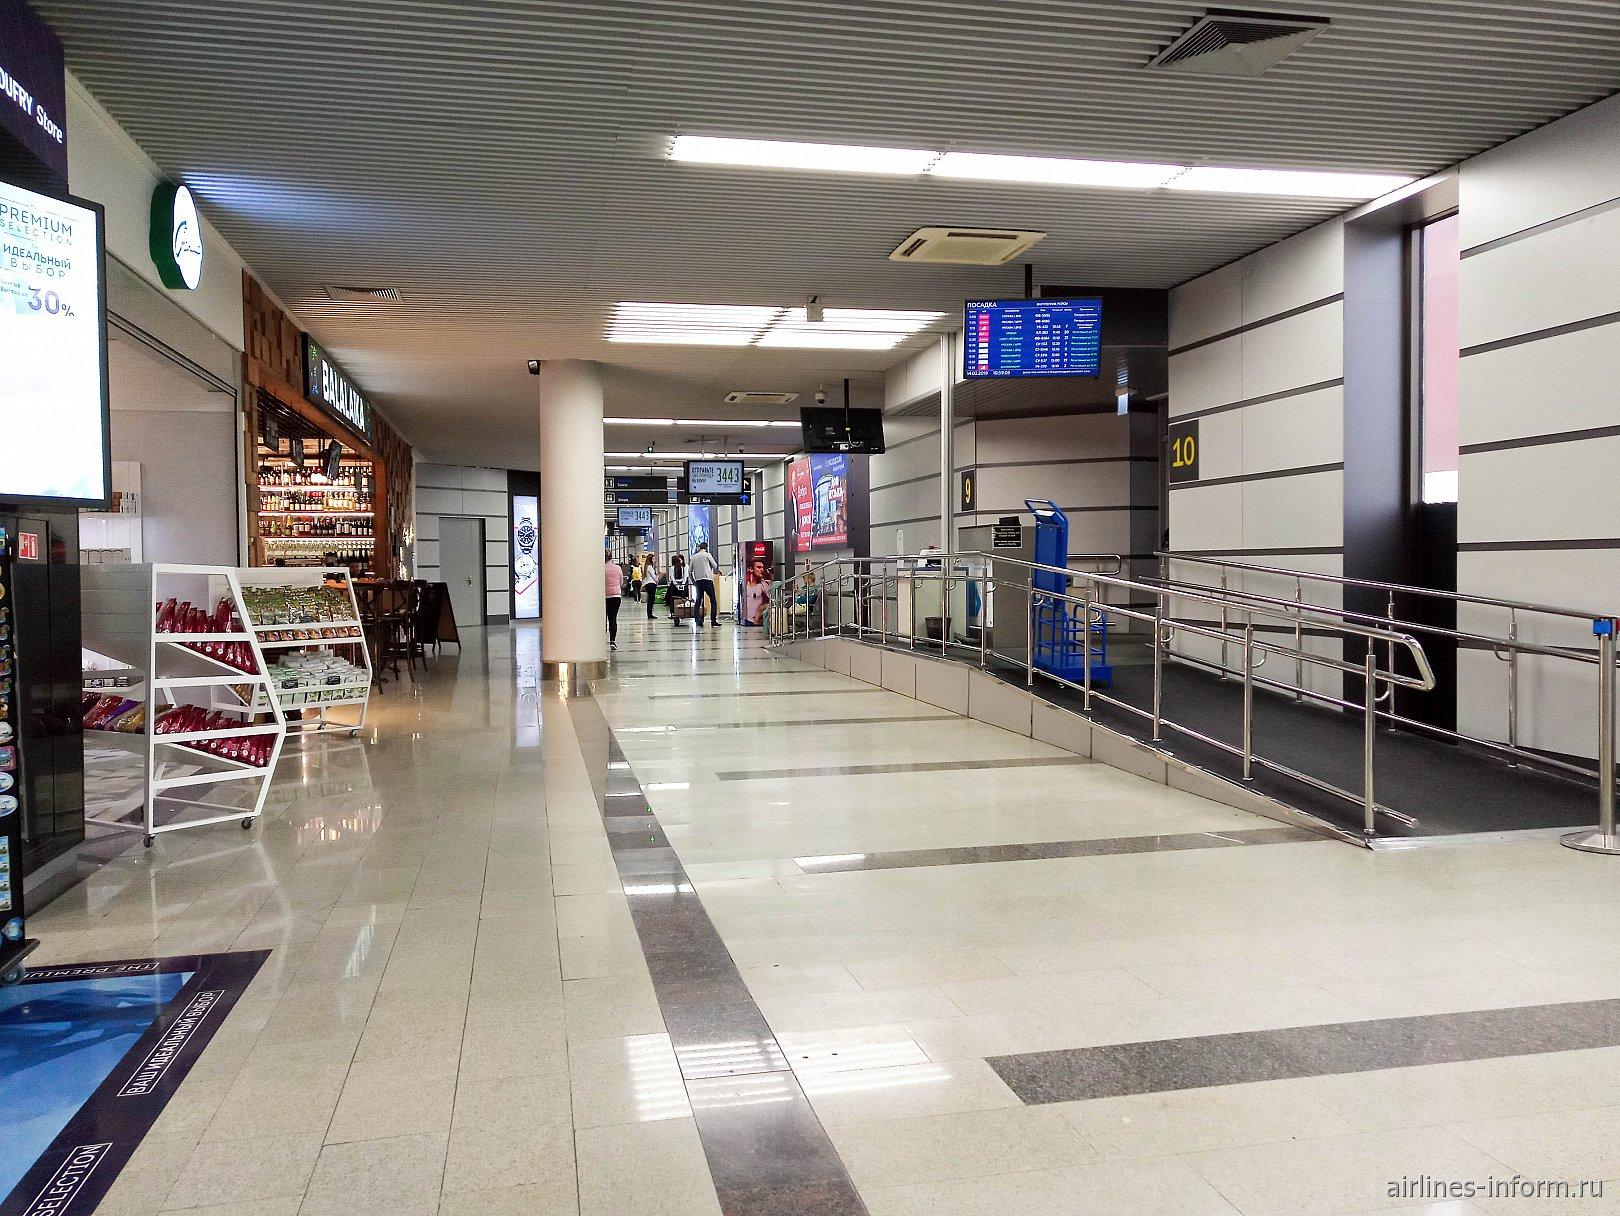 Выход на посадку в аэропорту Сочи